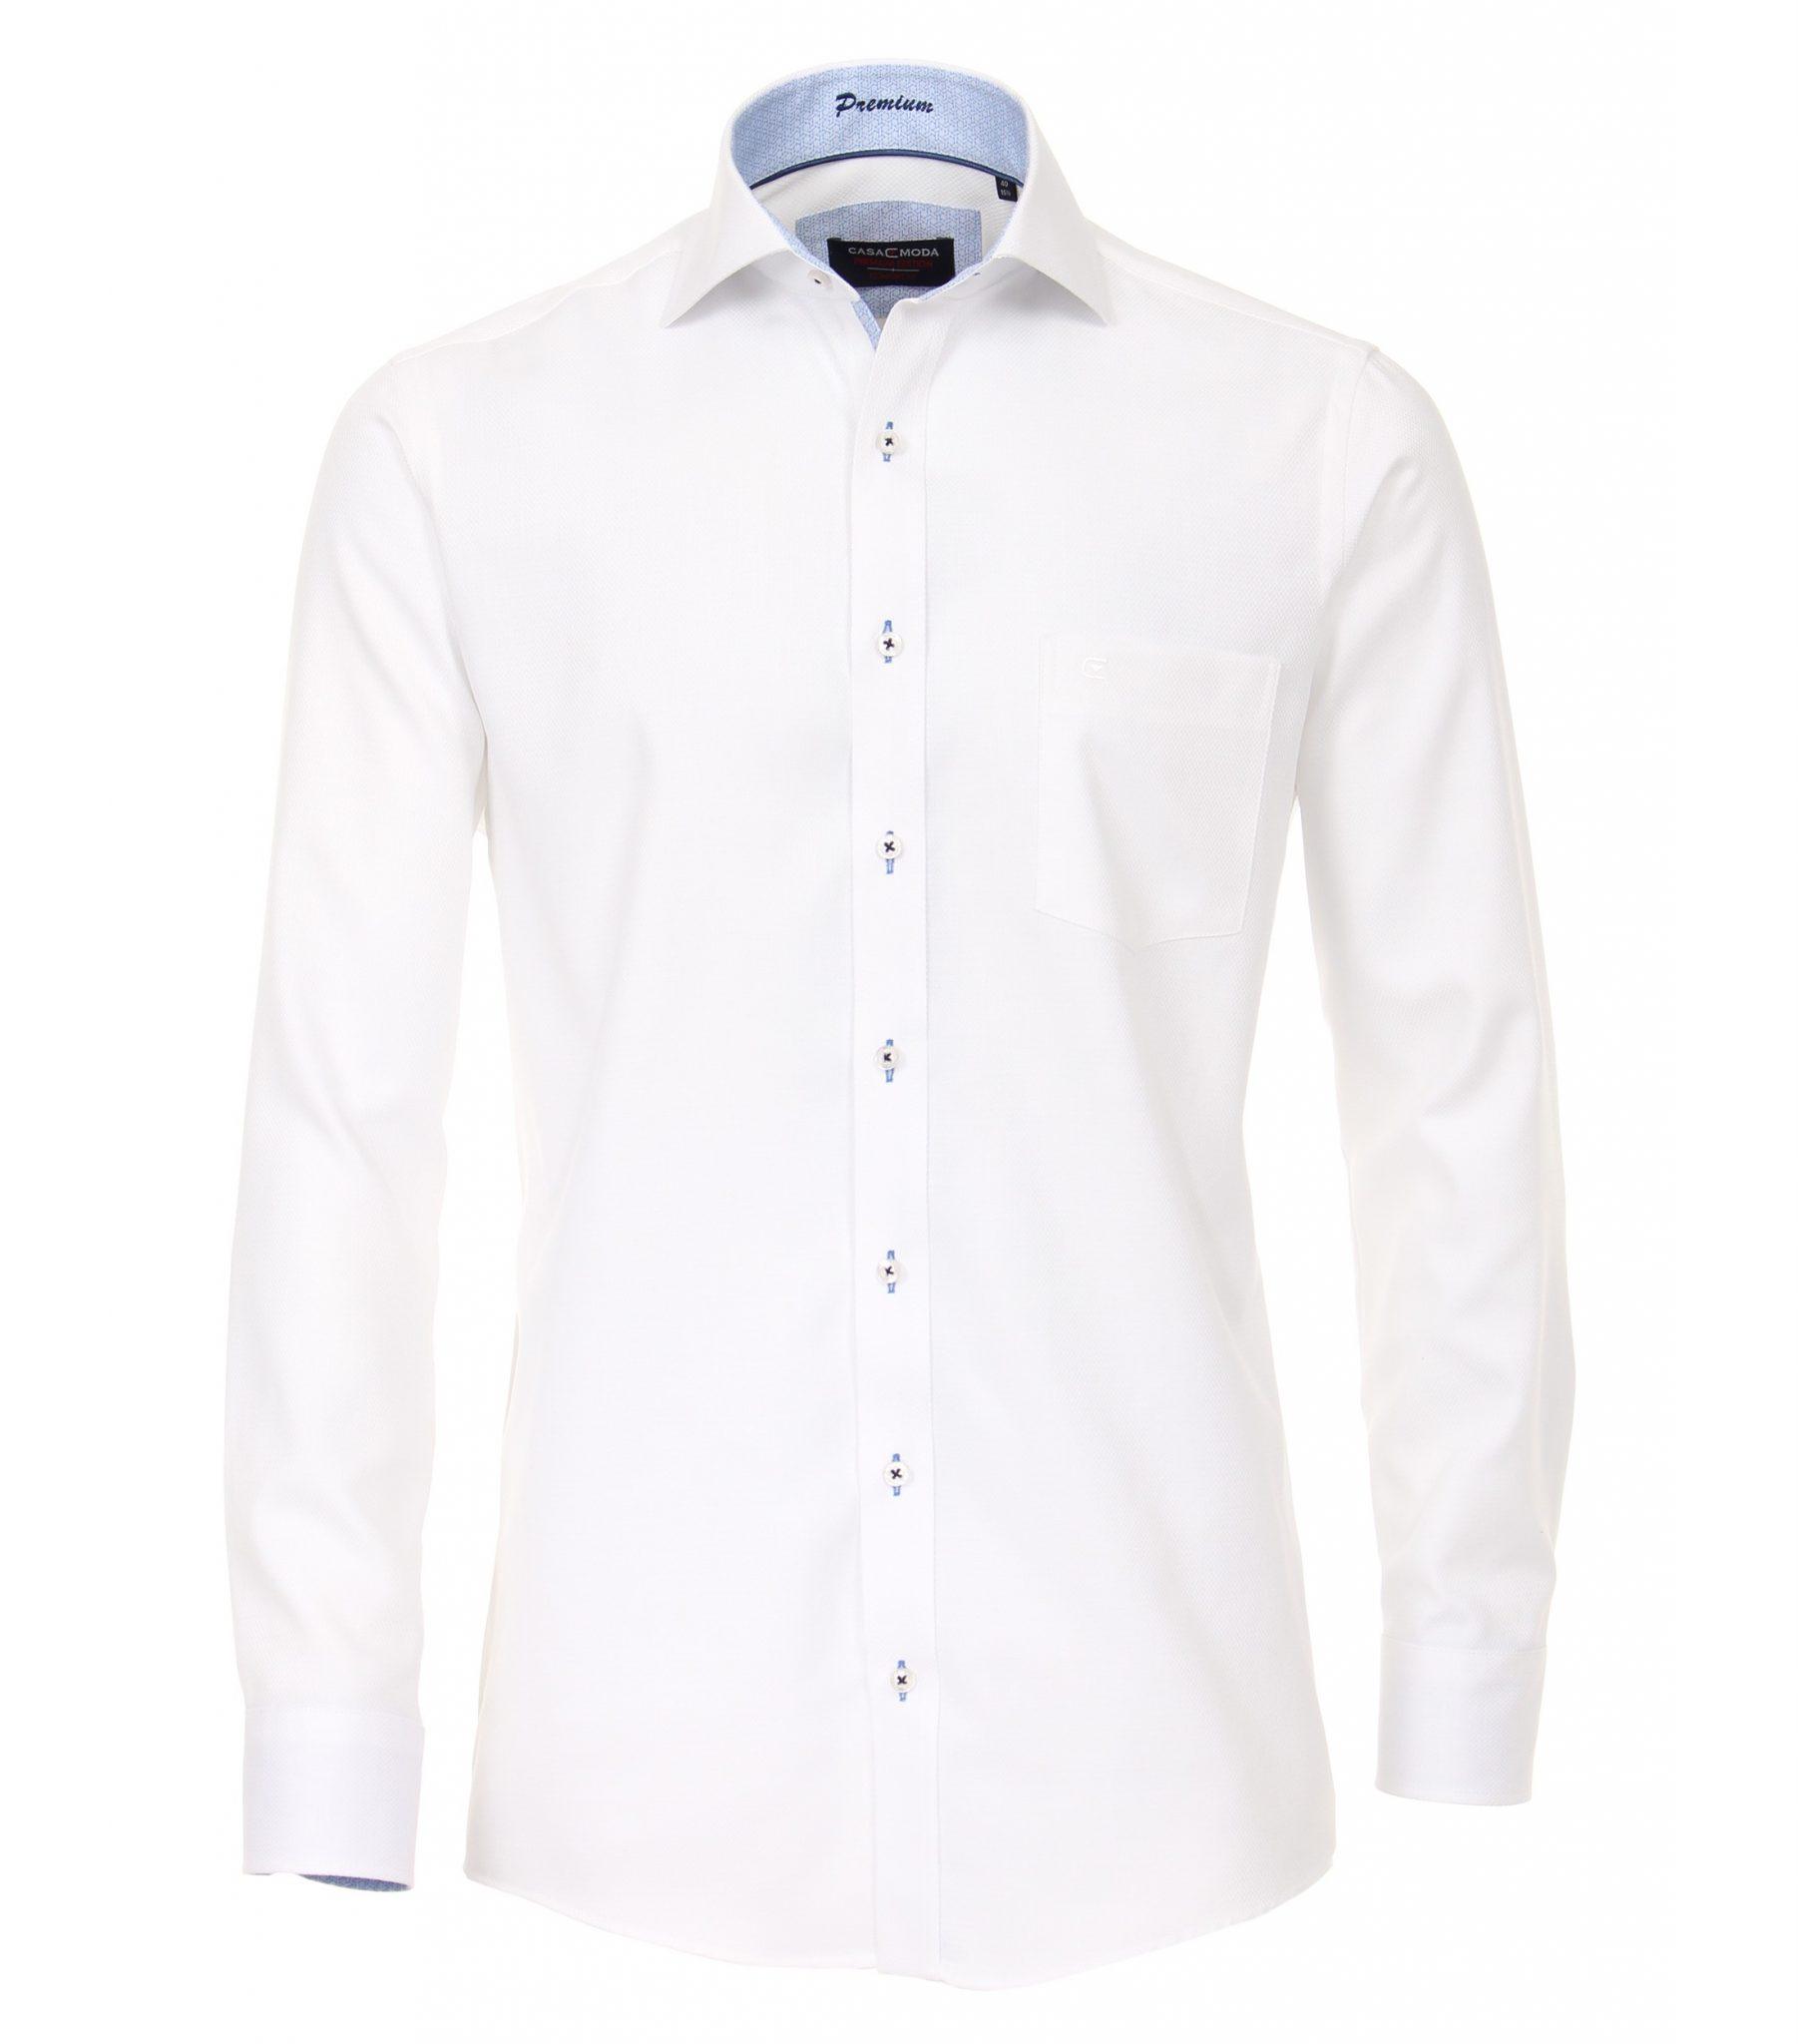 Overhemd Op Maat.Casa Moda Grote Maat Overhemd Lange Mouw Wit Structuurtje Strijkvrij